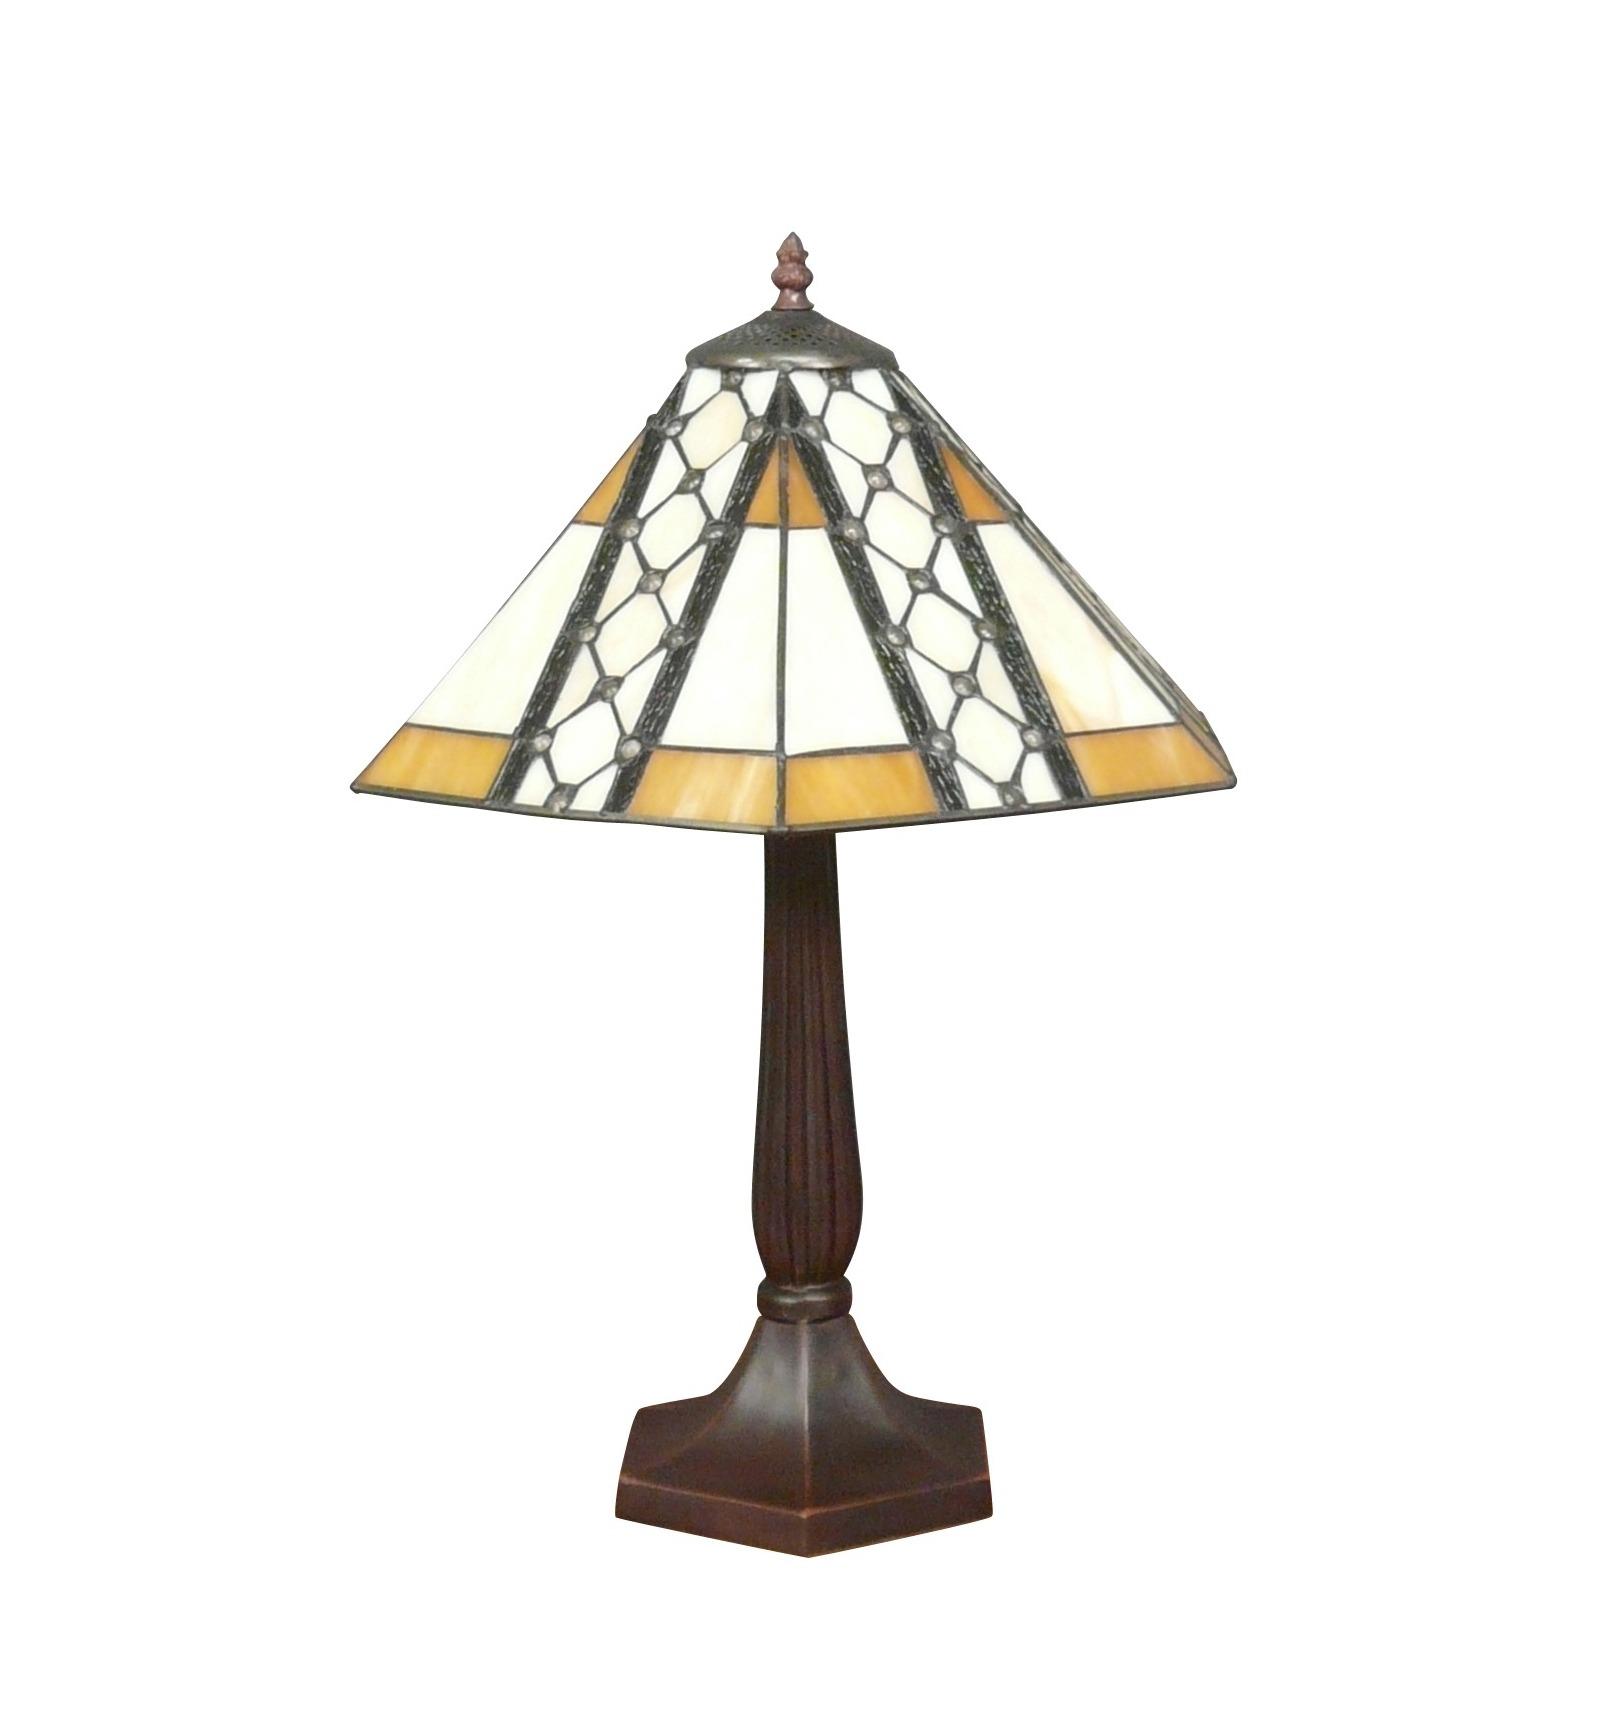 lamp tiffany navajo light fixtures art deco. Black Bedroom Furniture Sets. Home Design Ideas